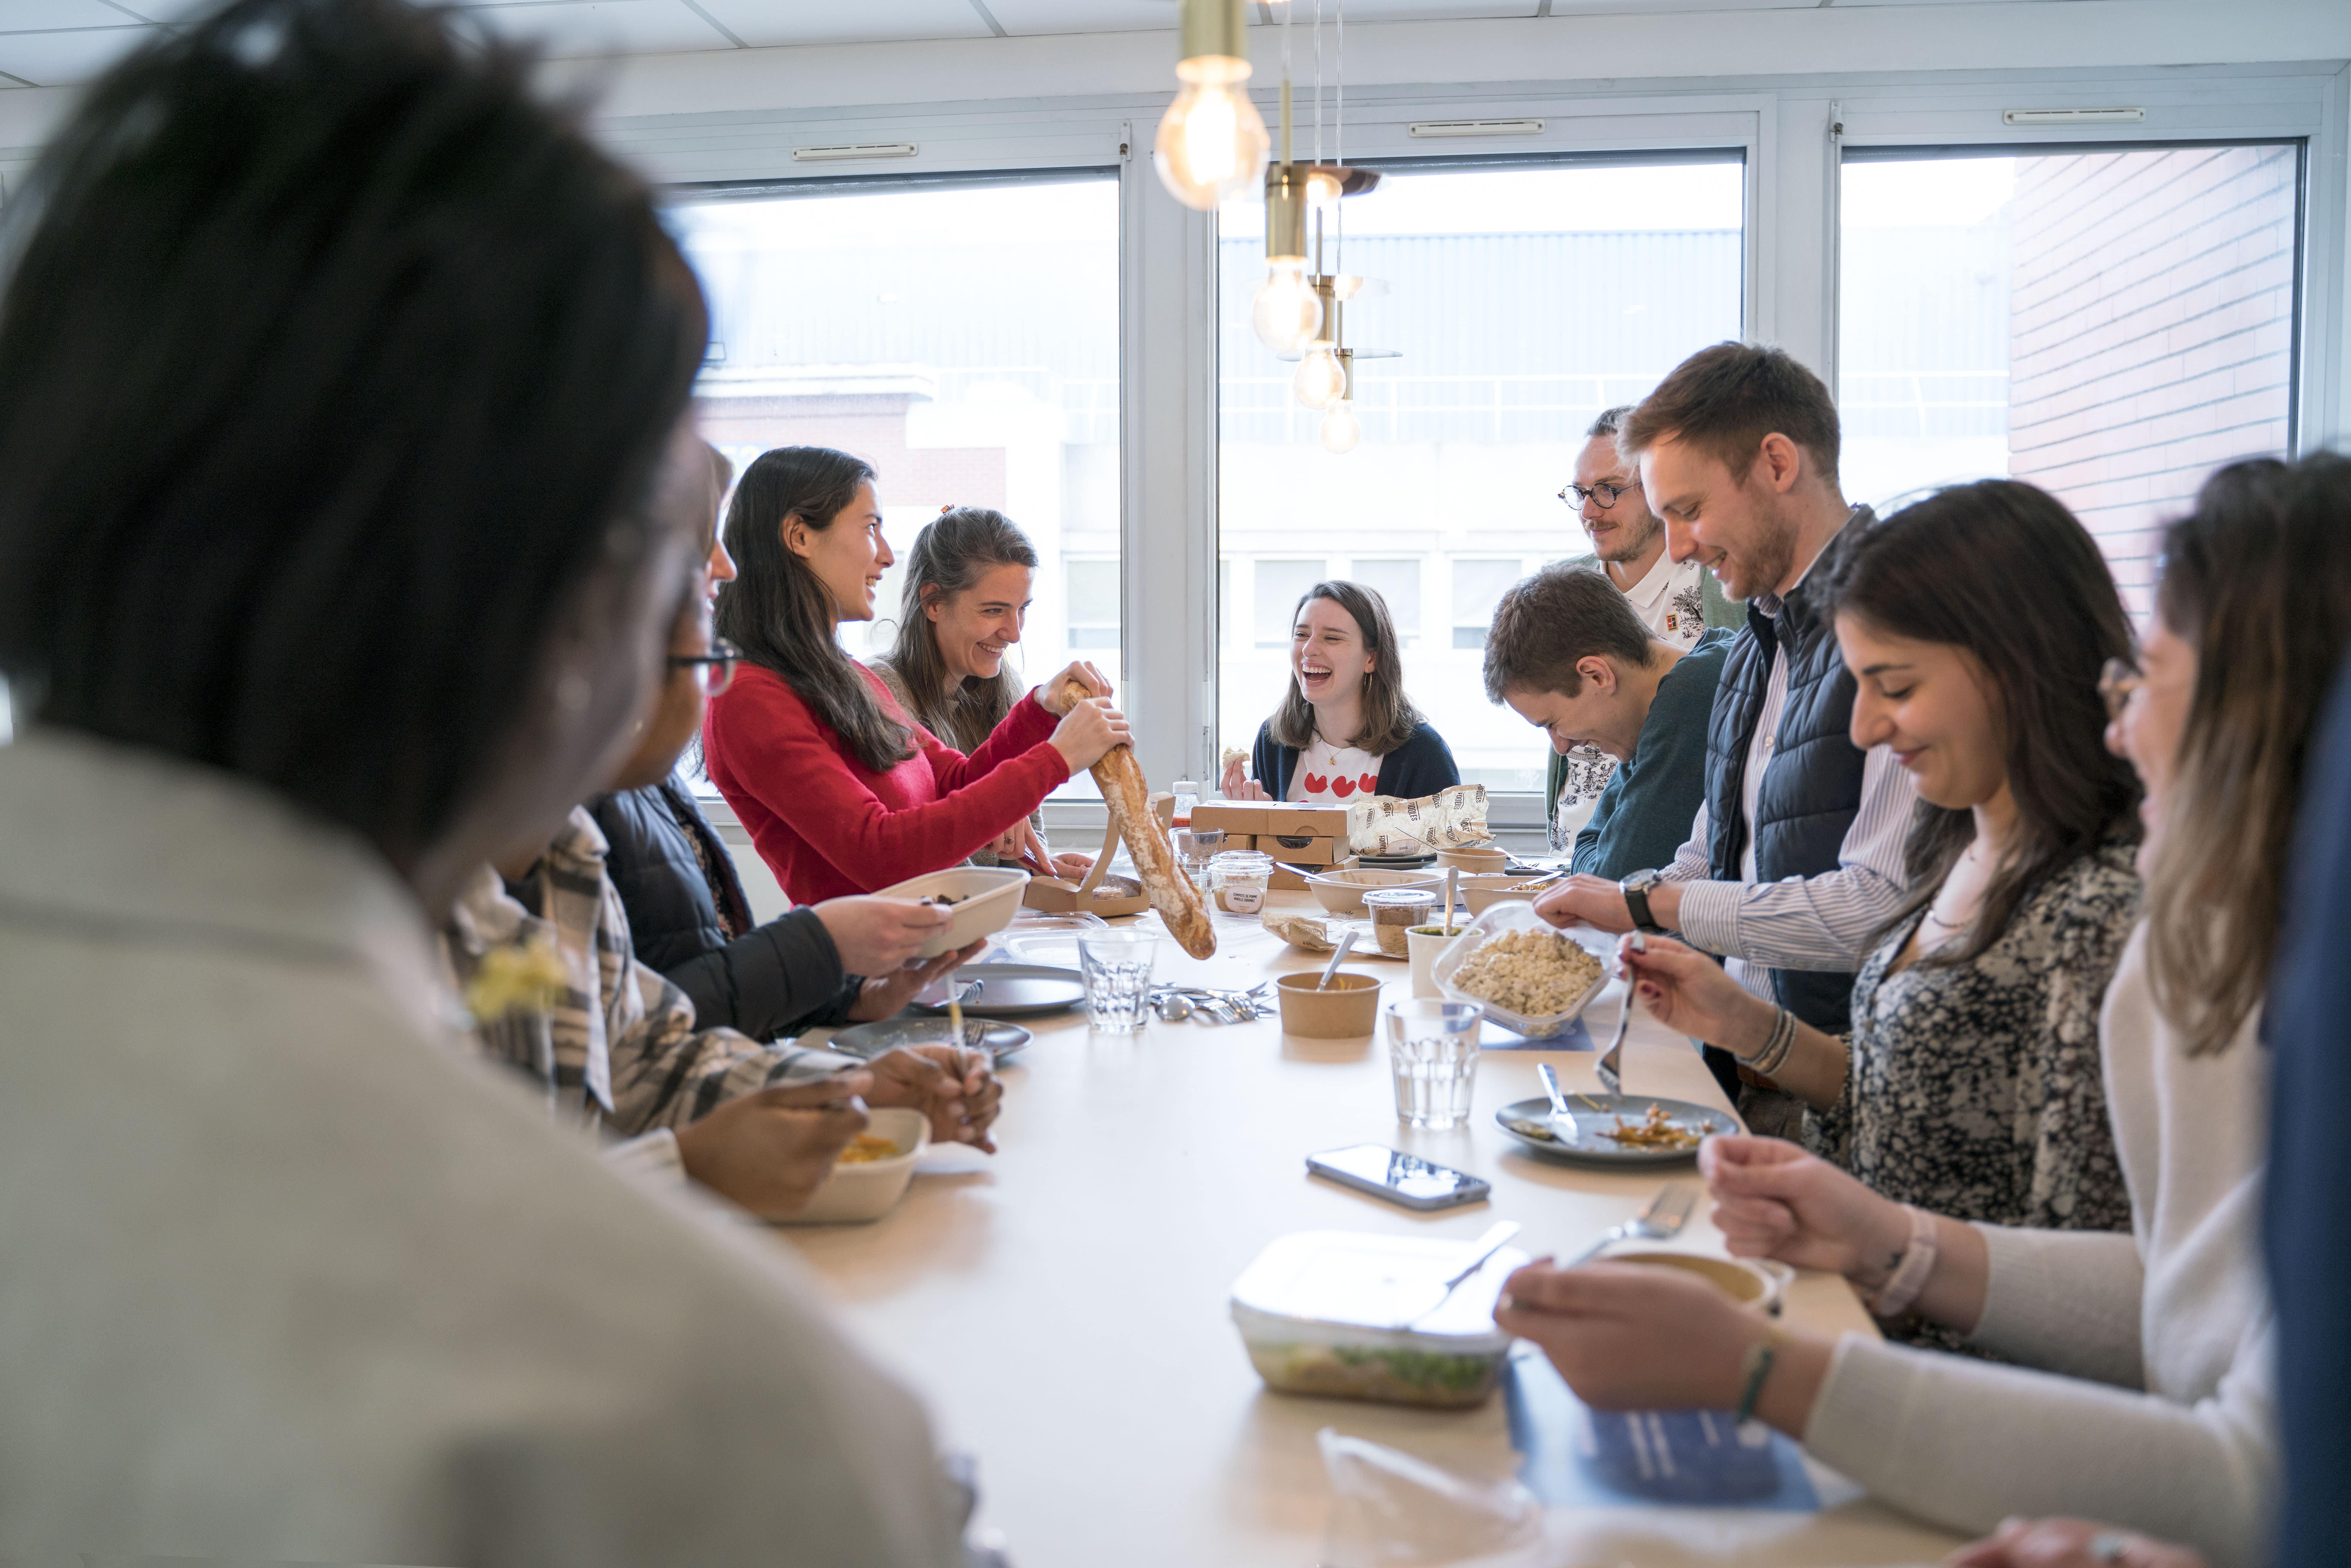 Pourquoi la pause déjeuner est un moment clé pour vos salariés ?